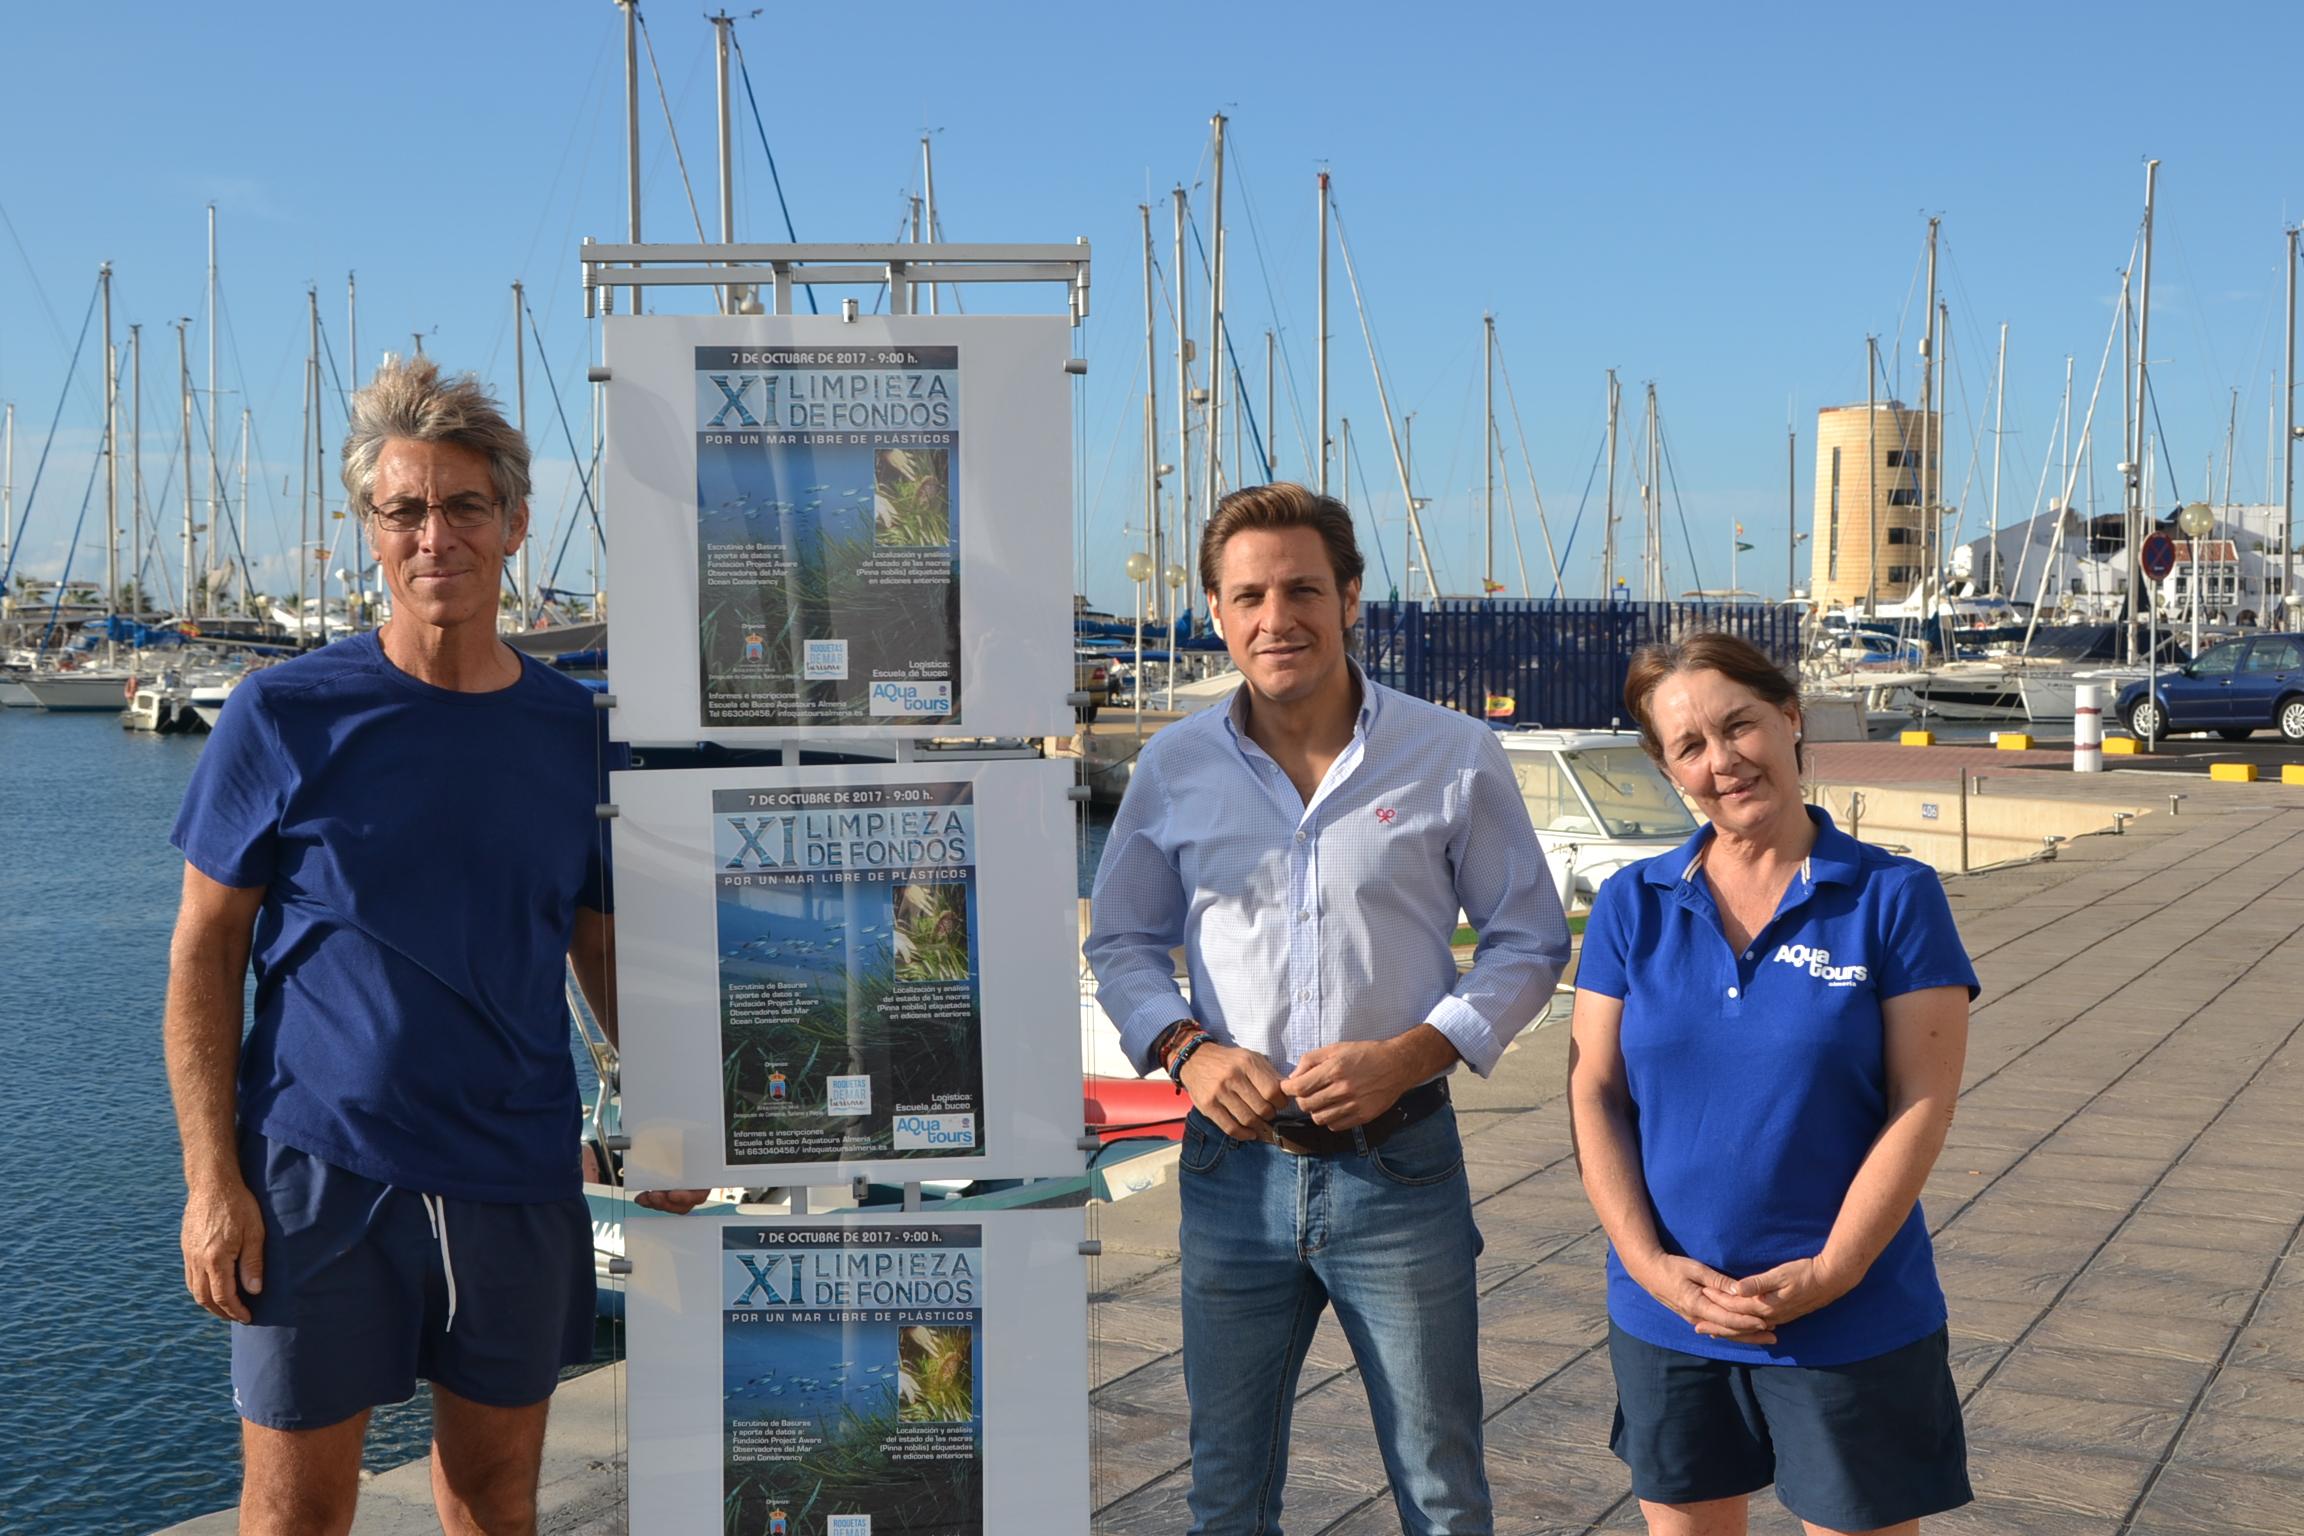 La Concejalía de Turismo organiza la XI Limpieza de Fondos Marinos